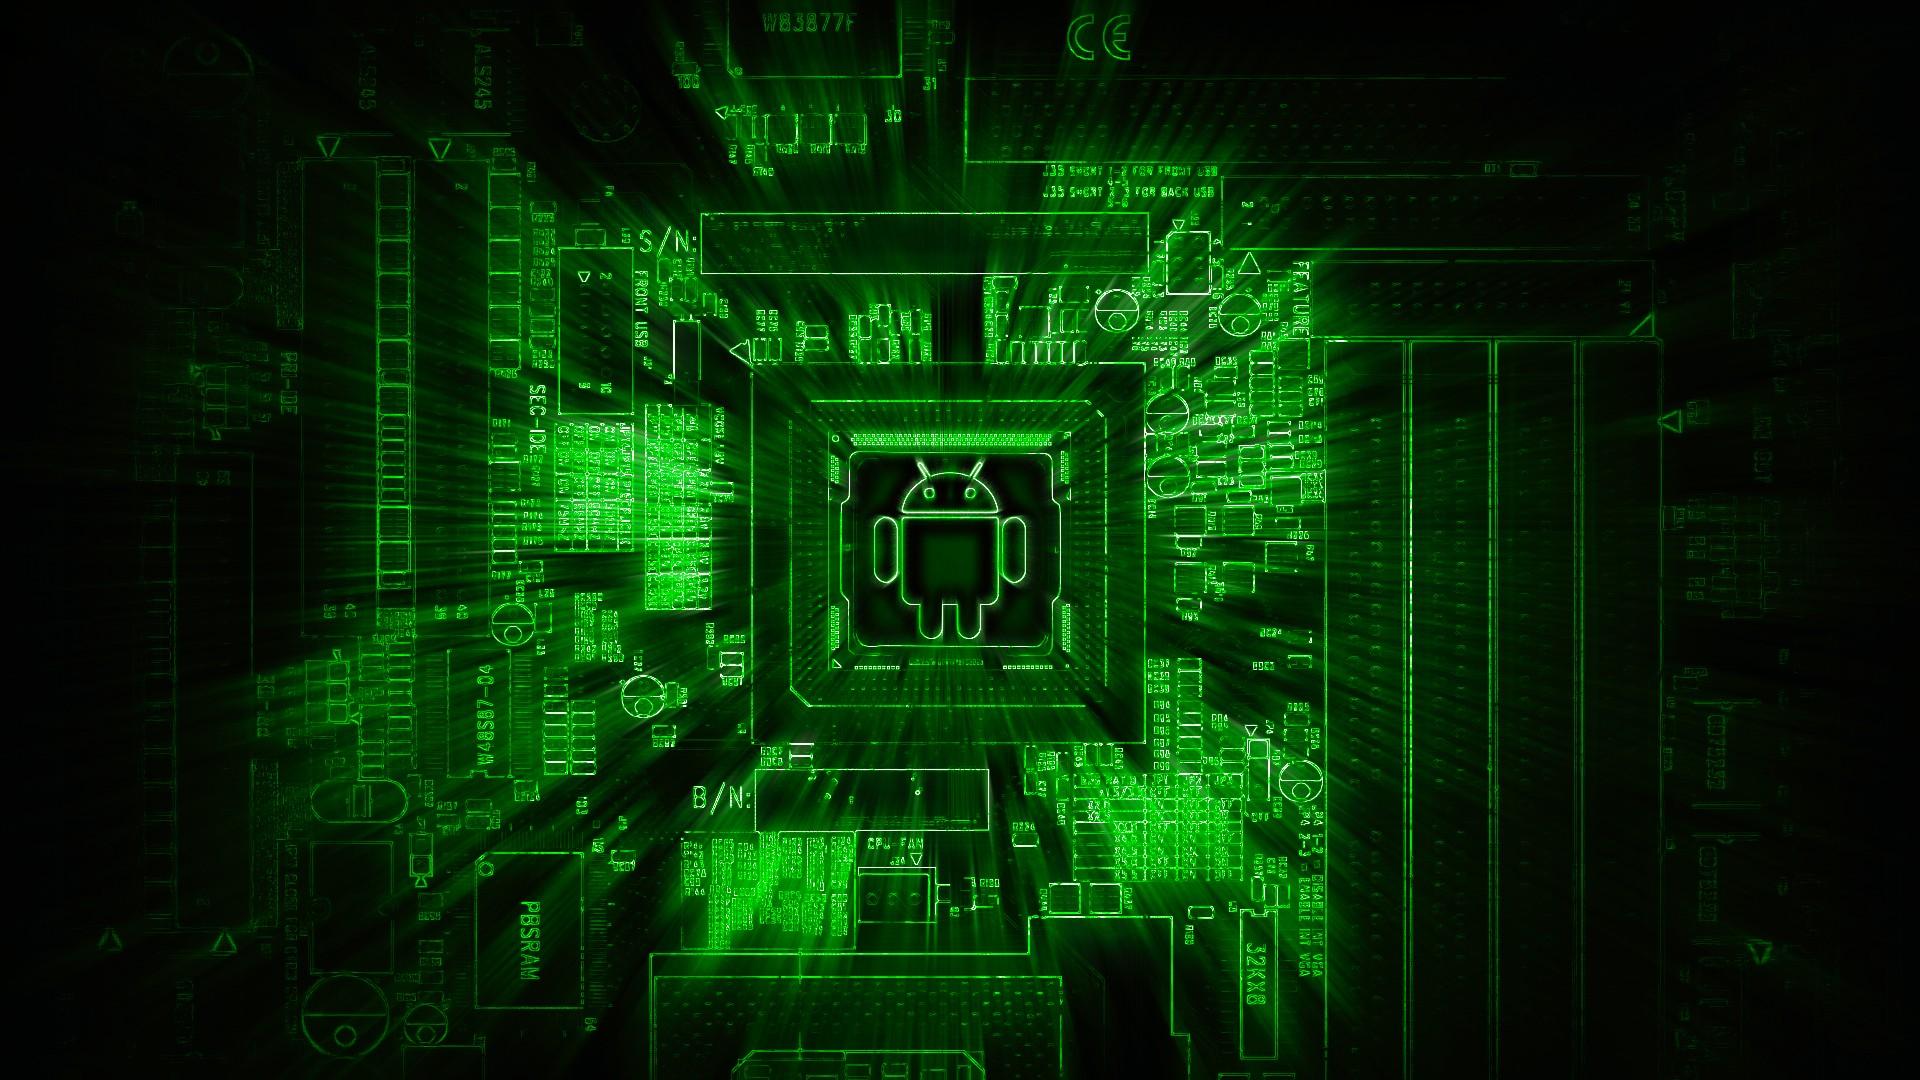 В ОС Android обнаружена критическая уязвимость